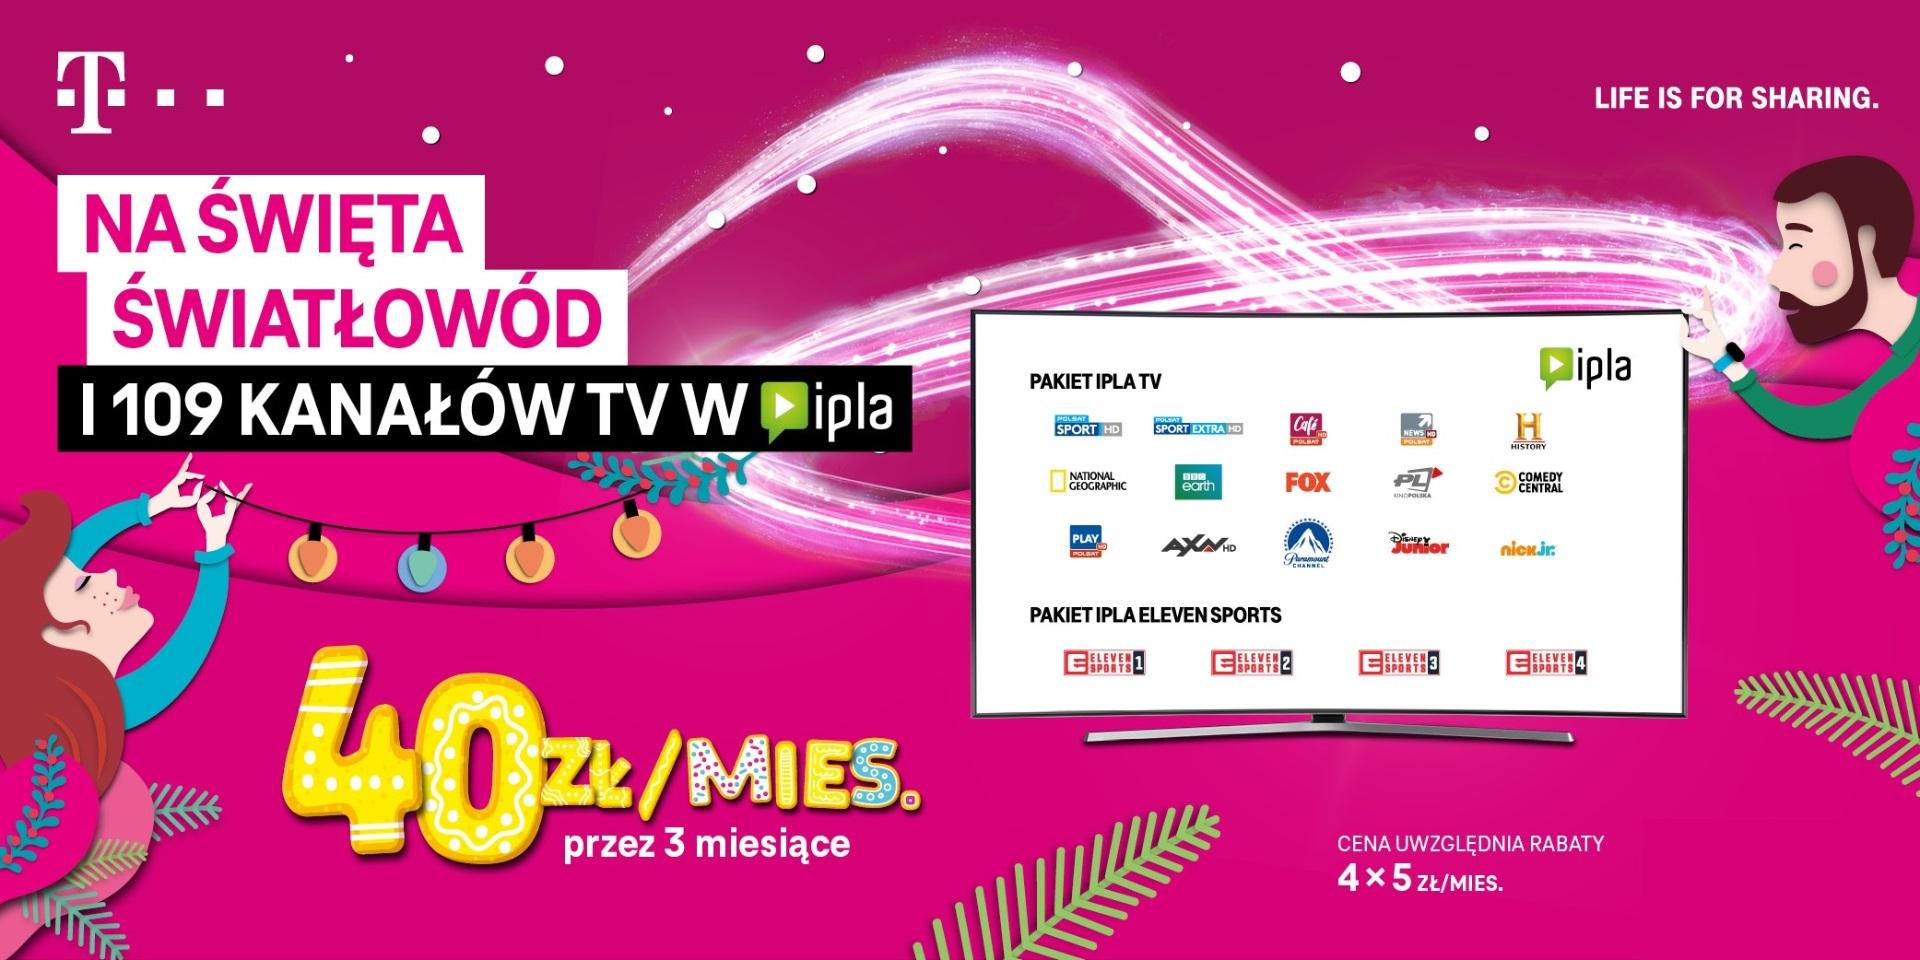 T-Mobile promocja IPLA TV światłowód Boże Narodzenie 2020